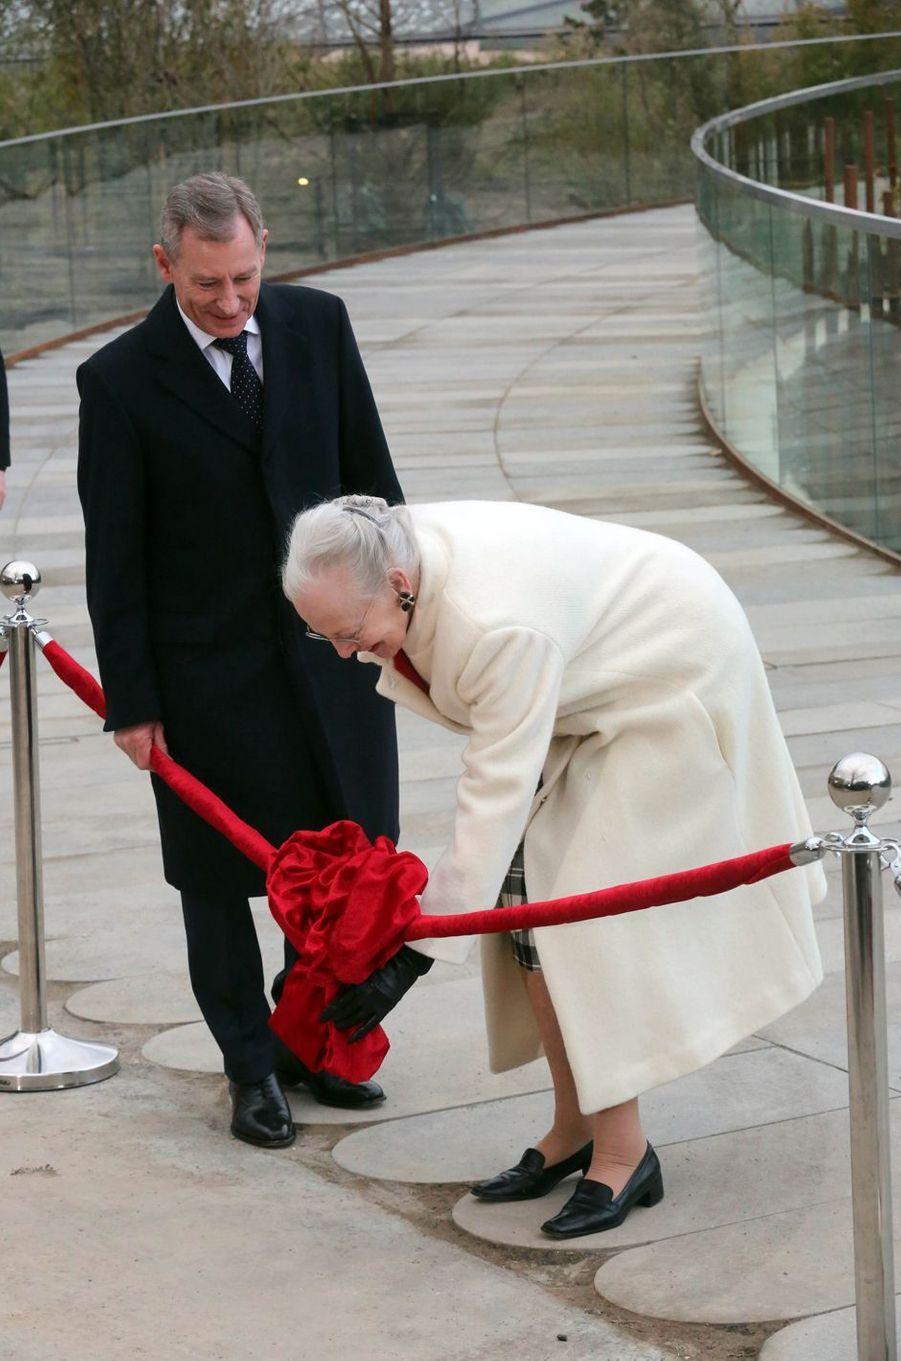 La reine Margrethe II de Danemark inaugure l'enclos des pandas à Copenhague, le 10 avril 2019